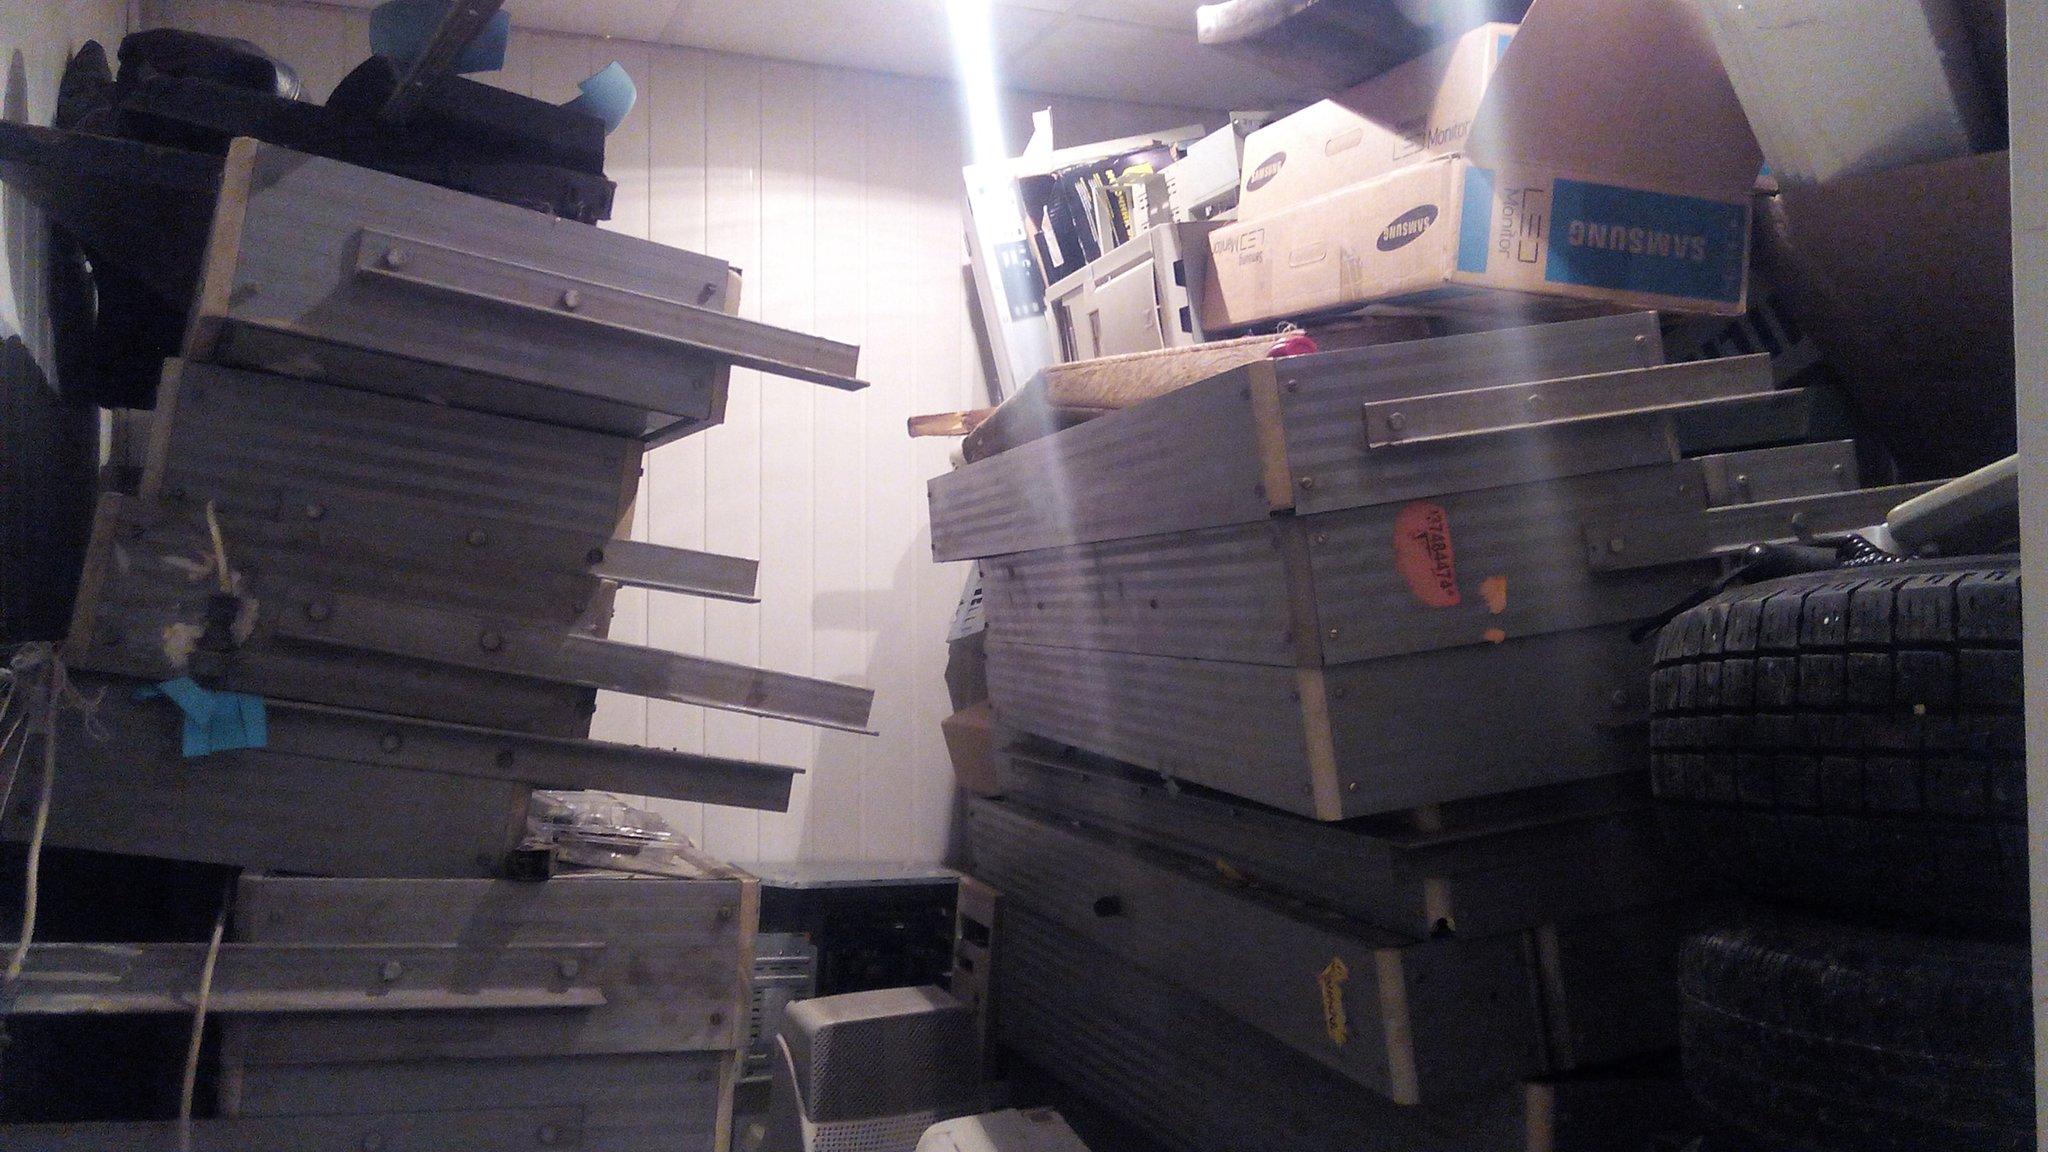 Предыдущие инвестиции города - табло разработанные «Магнетроном», валяются в горе мусора в одной из диспетчерских МУЭТа